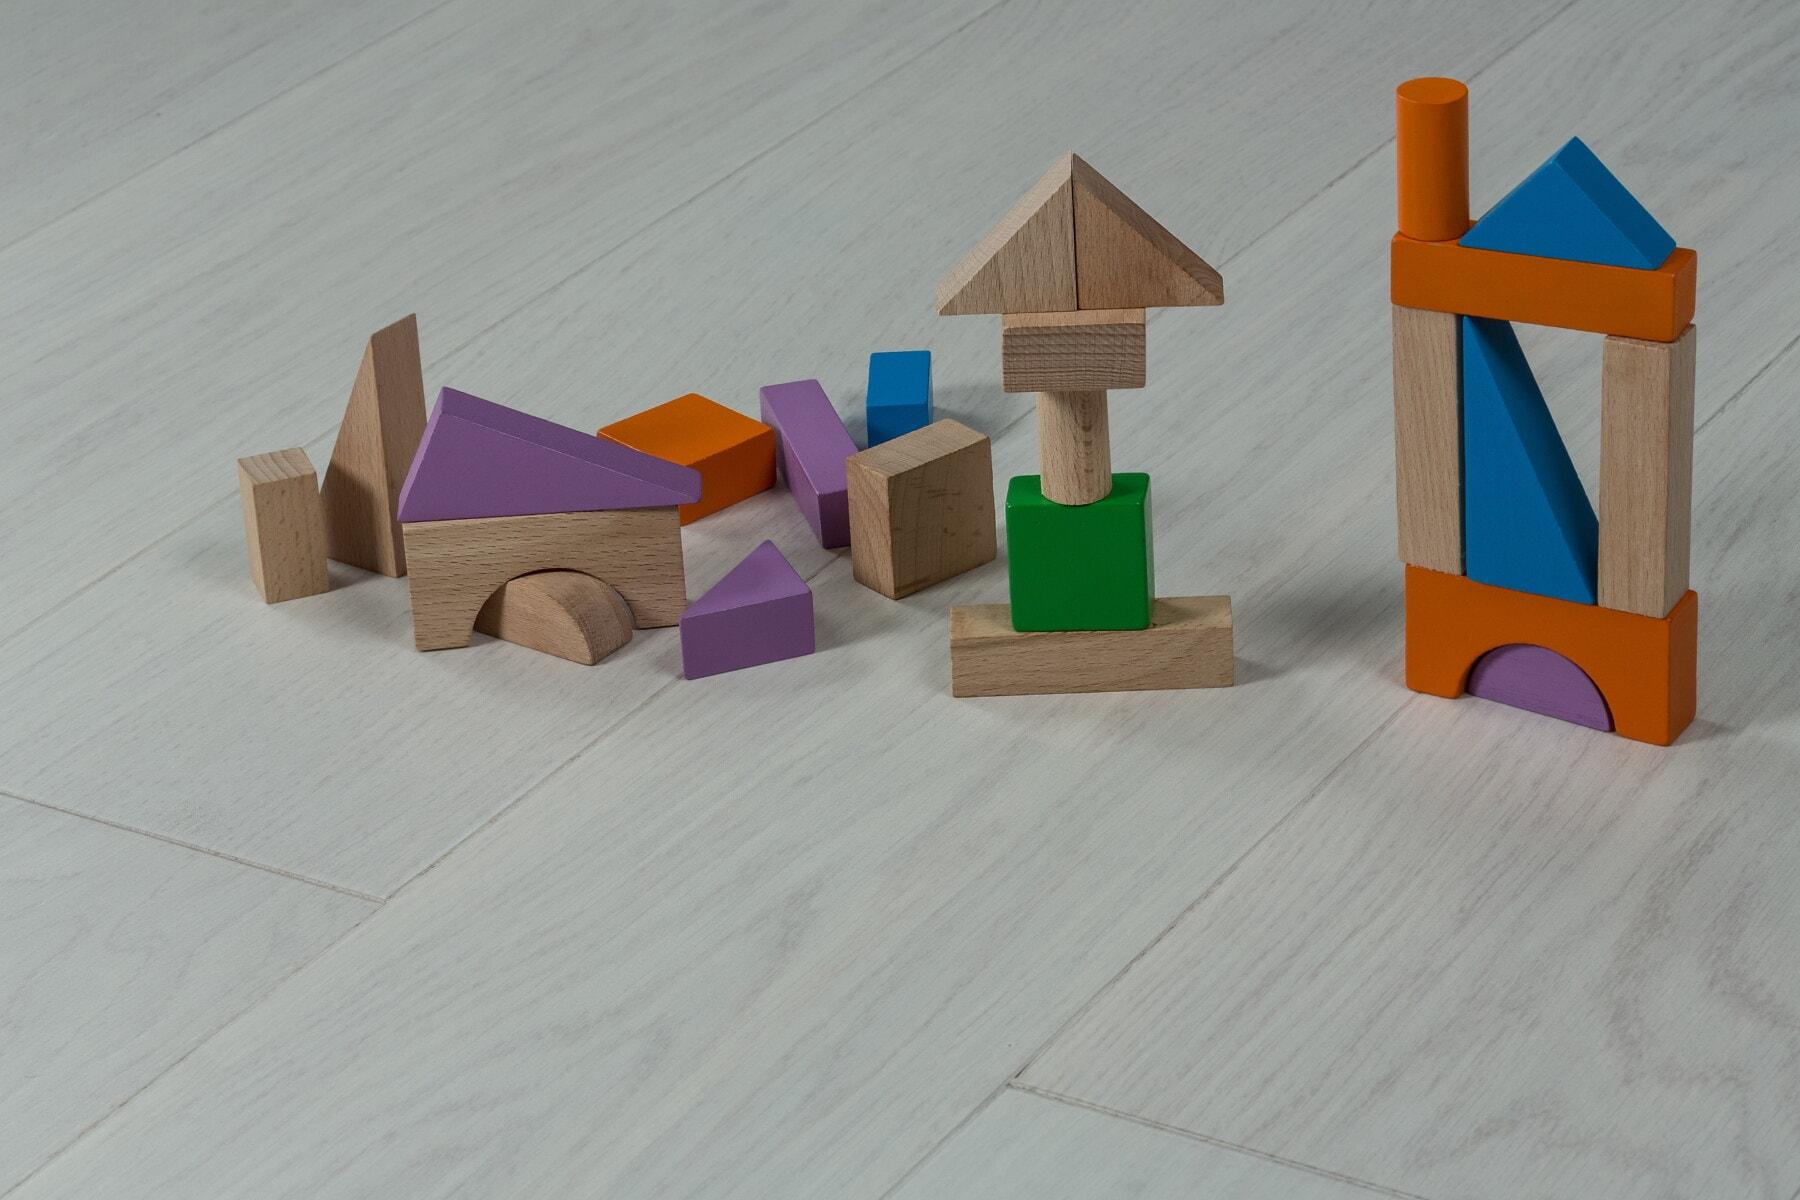 jouets, géométrique, pièces, cube, plancher, jeu, en bois, Triangle, conception, créativité